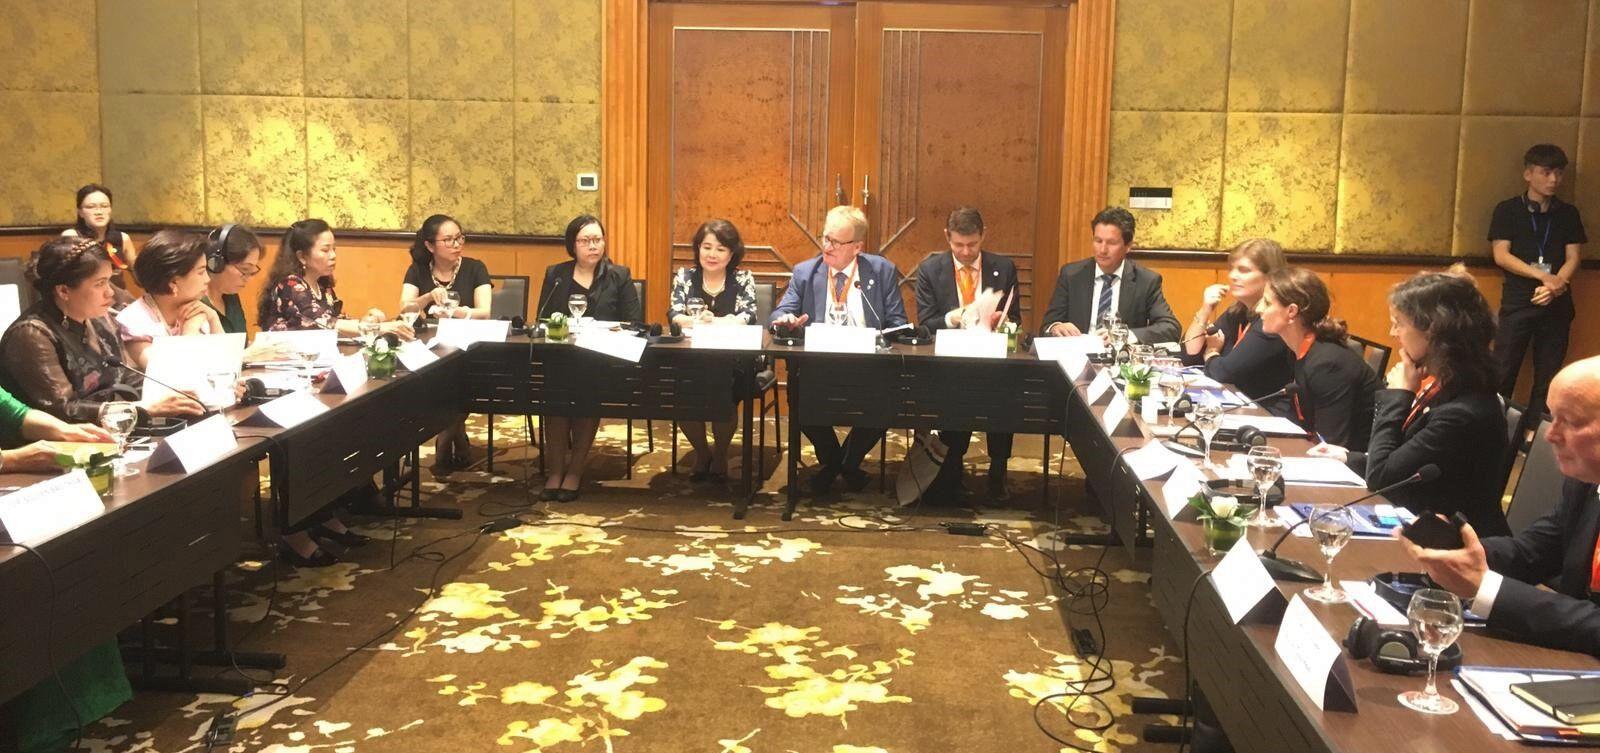 Vietnam Roundtable meeting Women Entrepreneurship